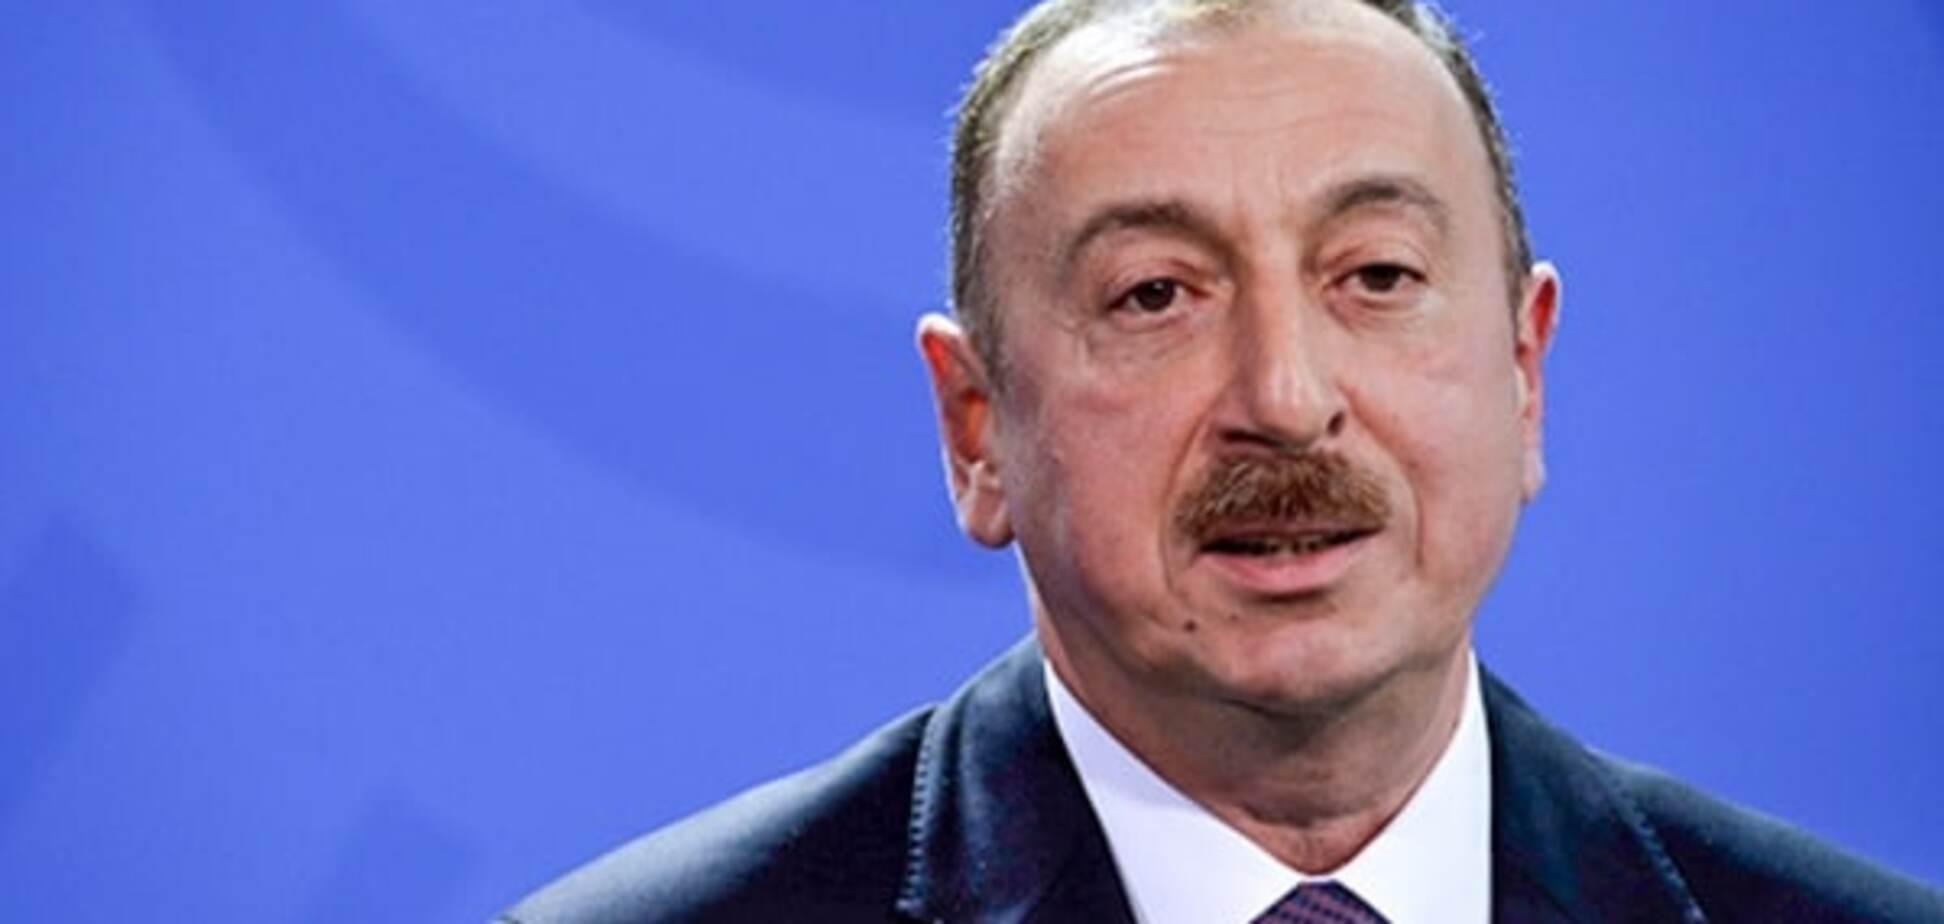 Золотые прииски и дома в Лондоне: СМИ нашли спрятанные офшоры главы Азербайджана